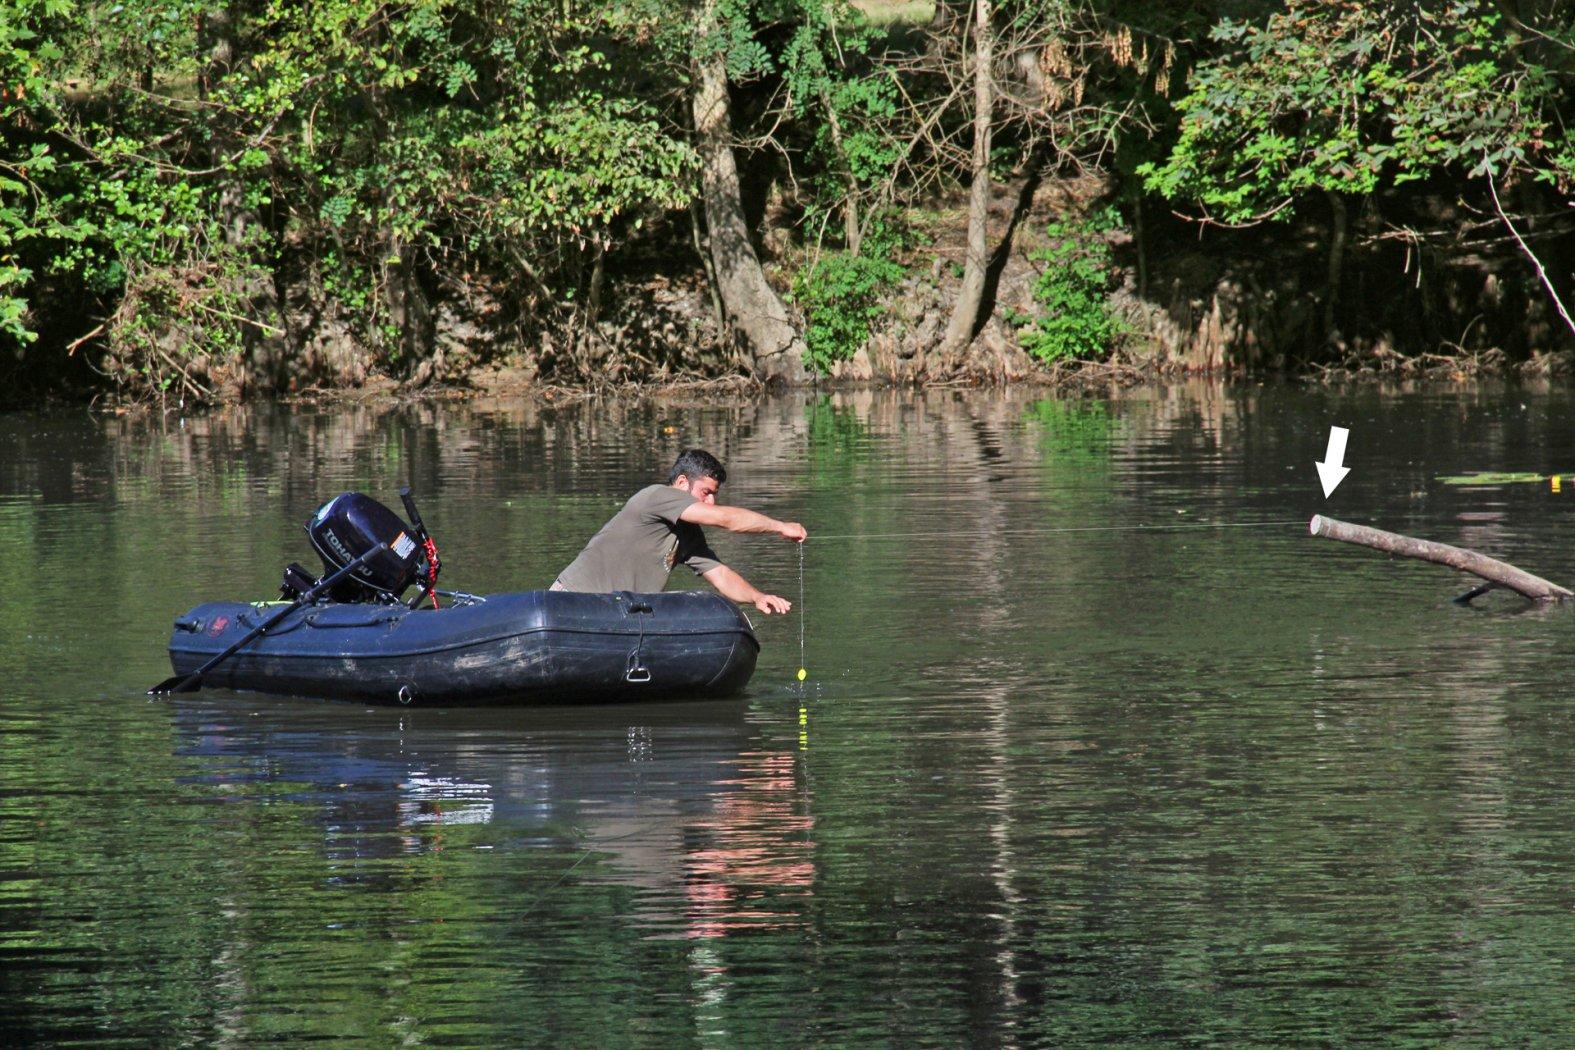 Ausbringen der Welsmontage mit einem Schlauchboot